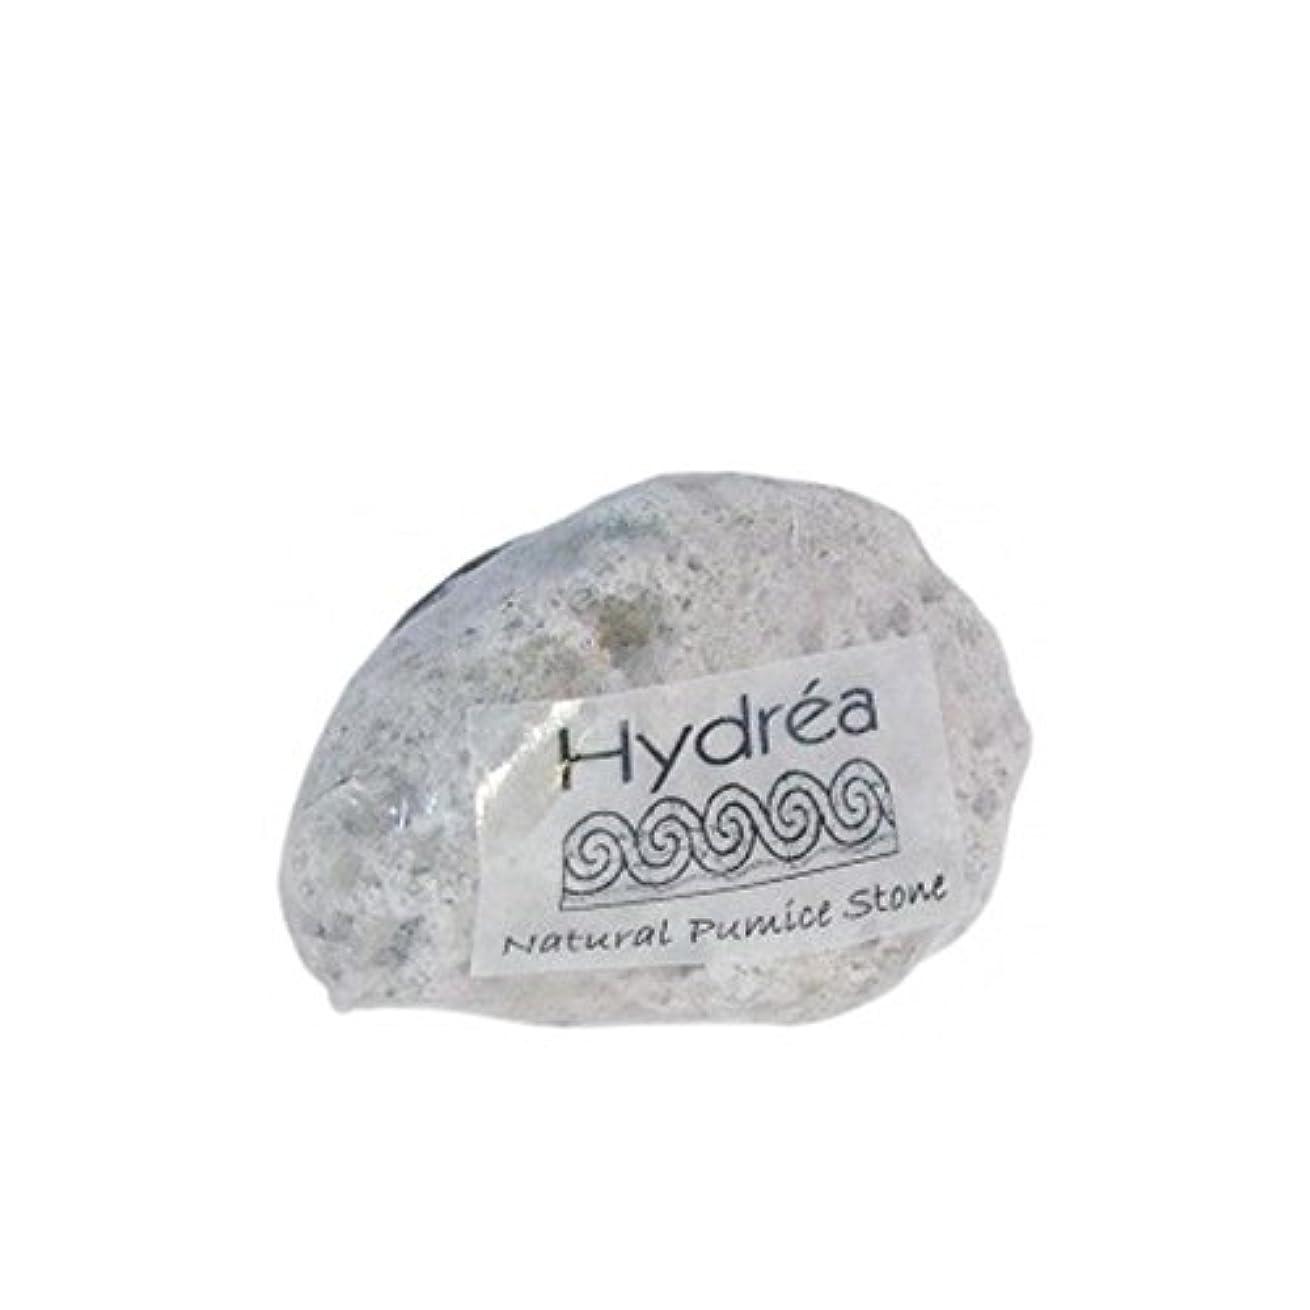 ペック熟達書き込みハイドレアロンドン - 自然軽石 x4 - Hydrea London - Natural Pumice Stone (Pack of 4) [並行輸入品]